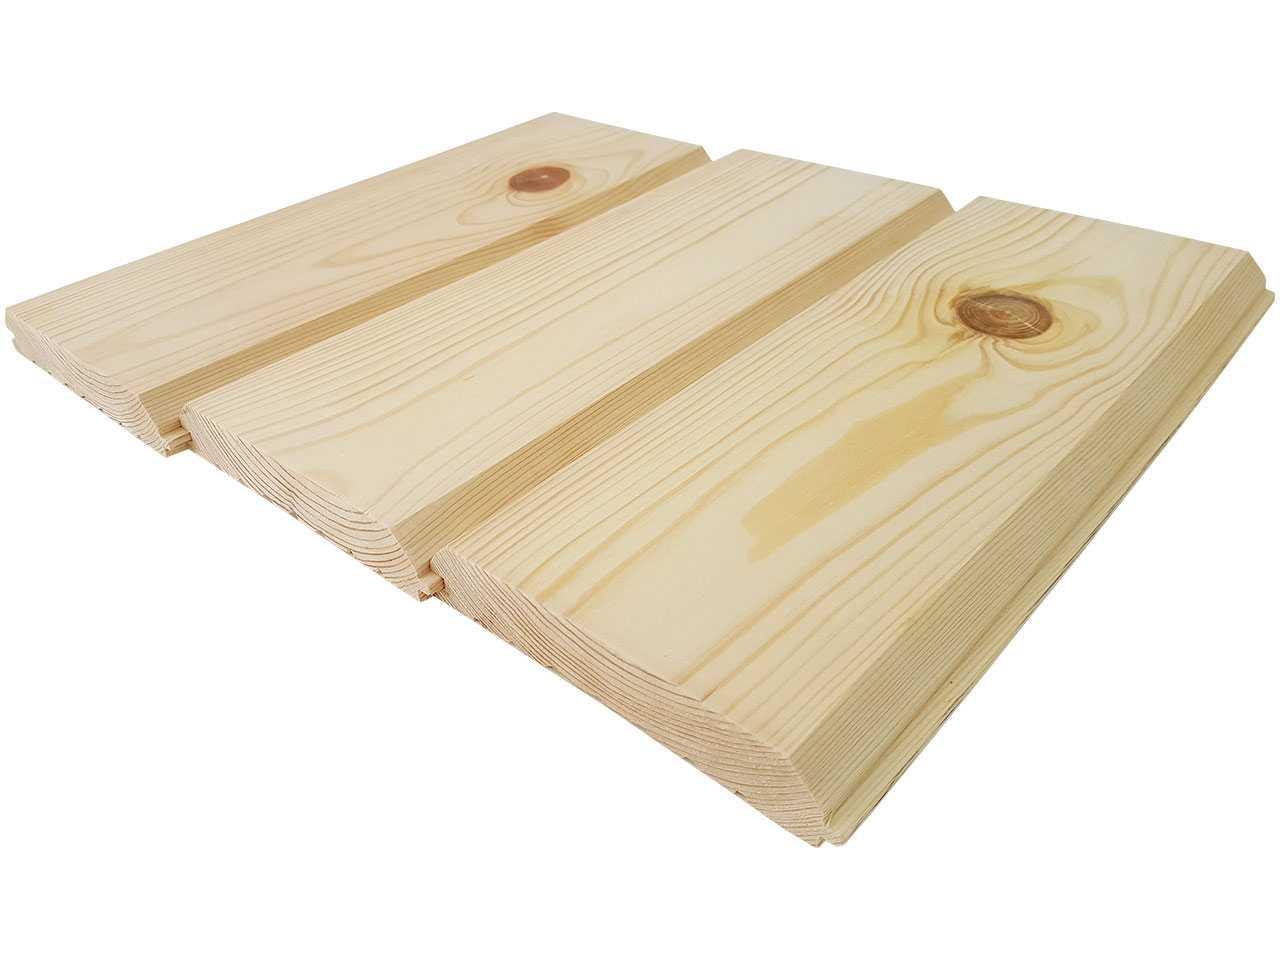 Фальшбрус, имитация бруса из сосны, сечением 160x30 мм